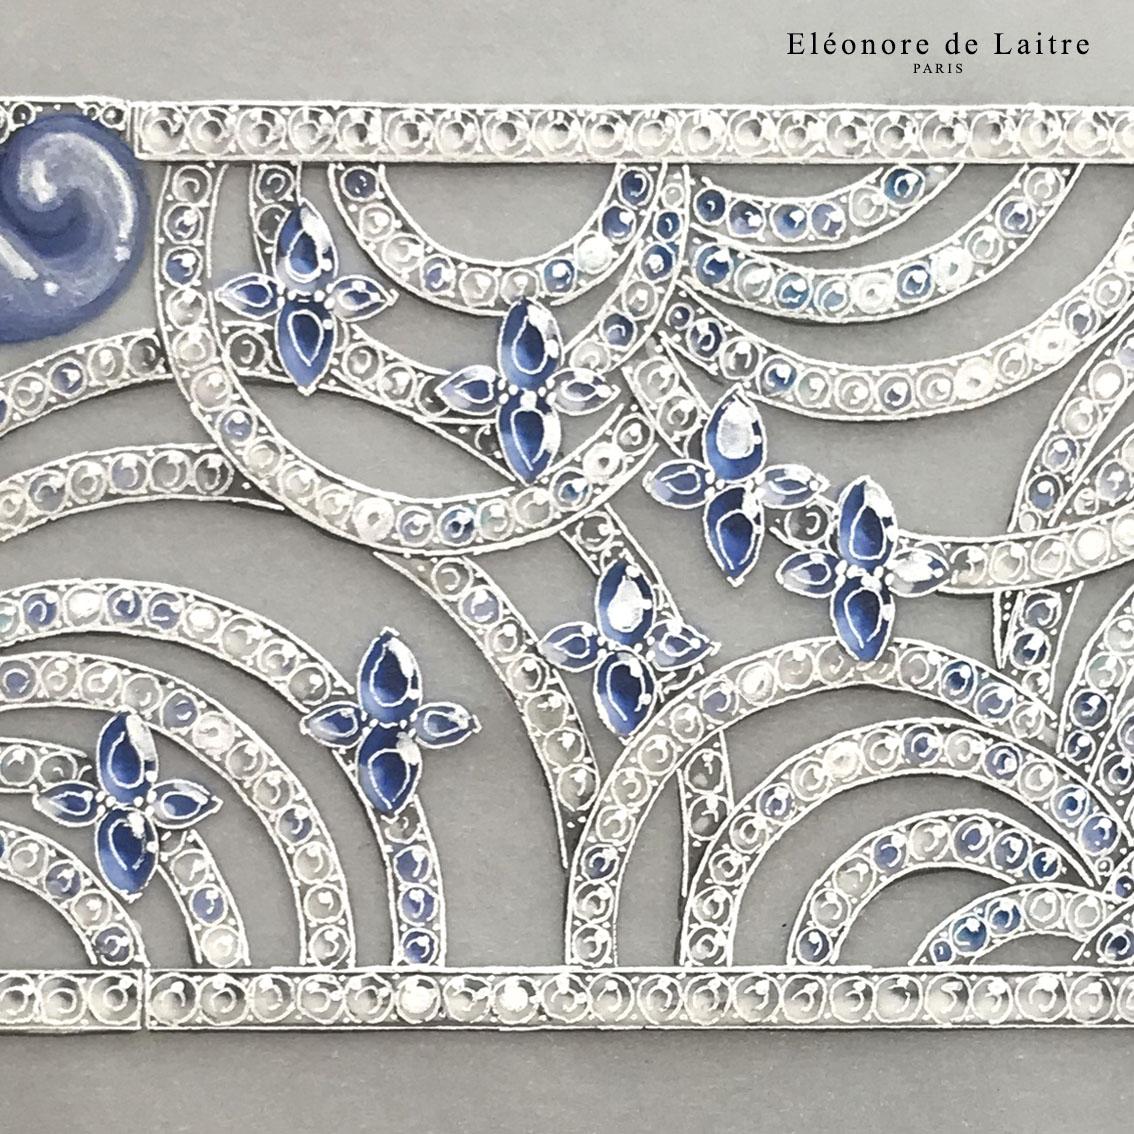 Eléonore de Laitre - Haute joaillerie - Bracelet Oies Sauvages - gouache.